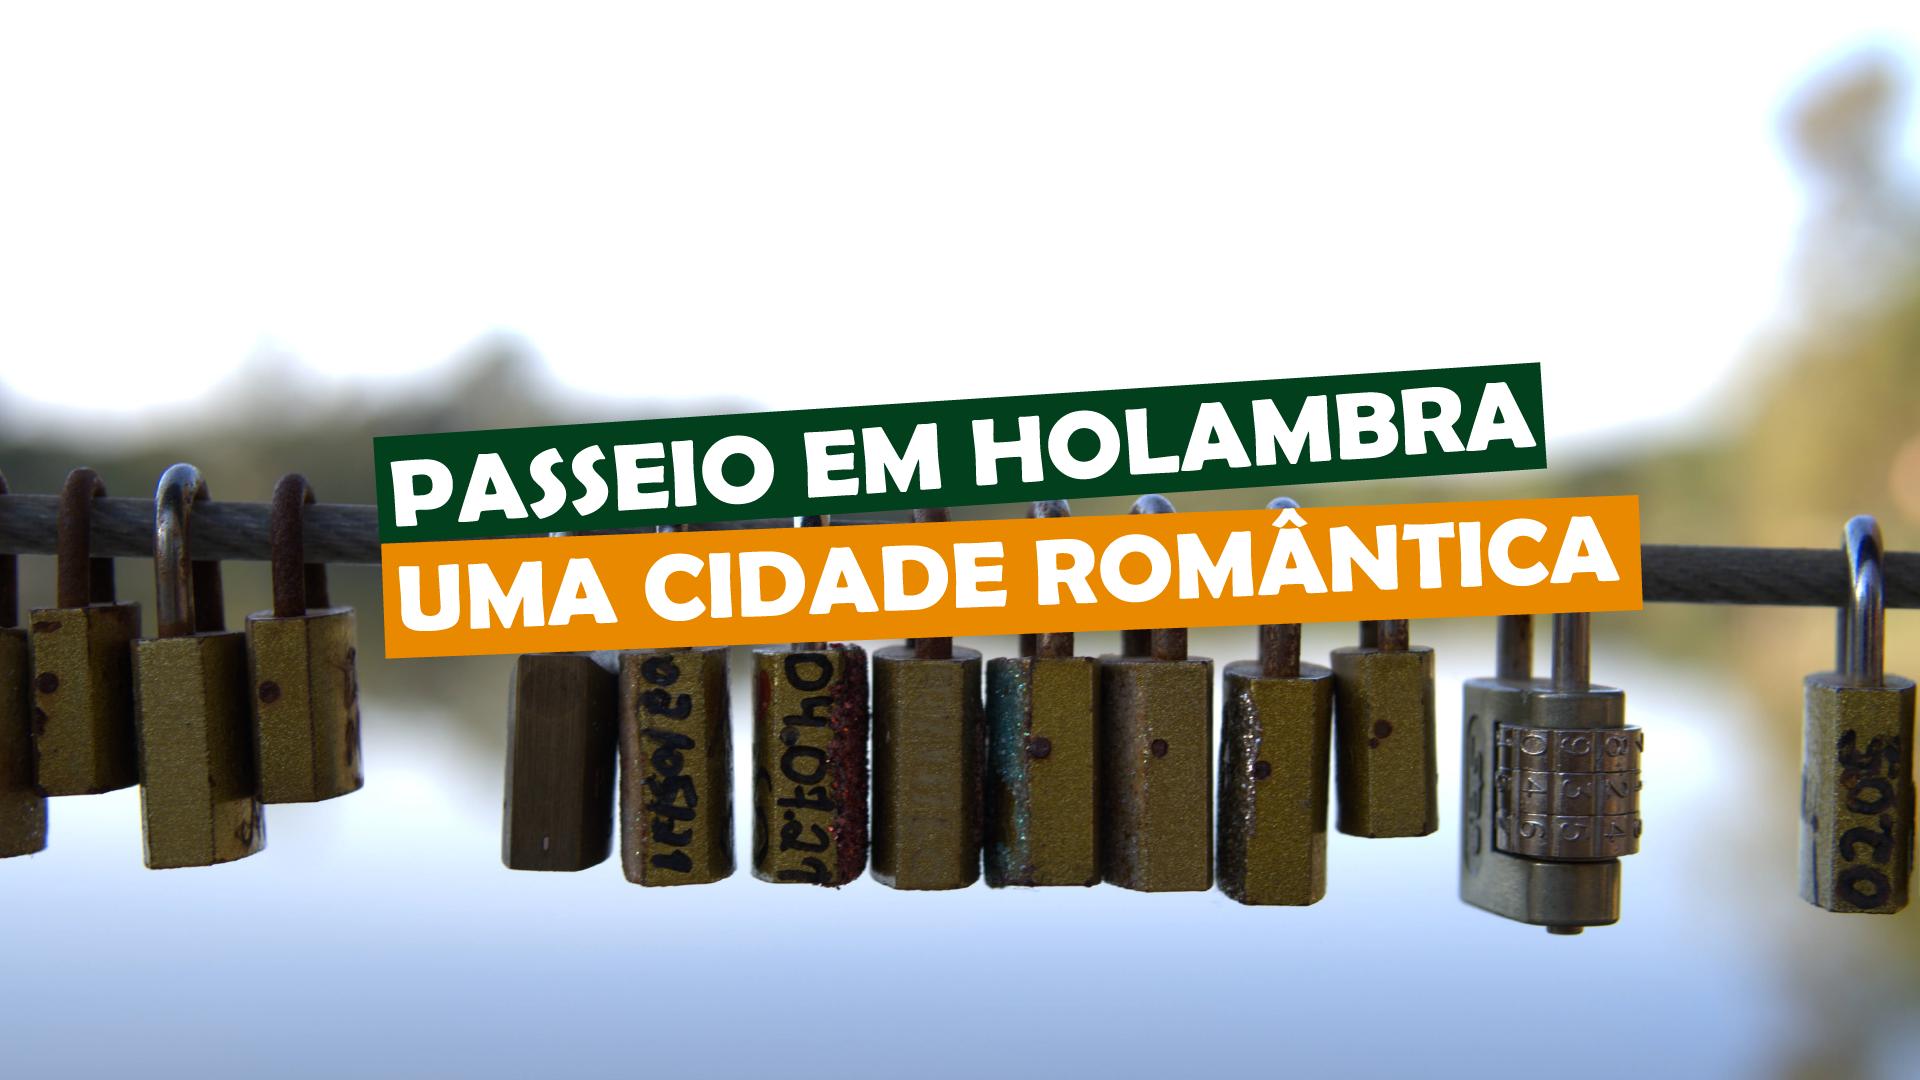 You are currently viewing Passeio em Holambra, uma cidade romântica